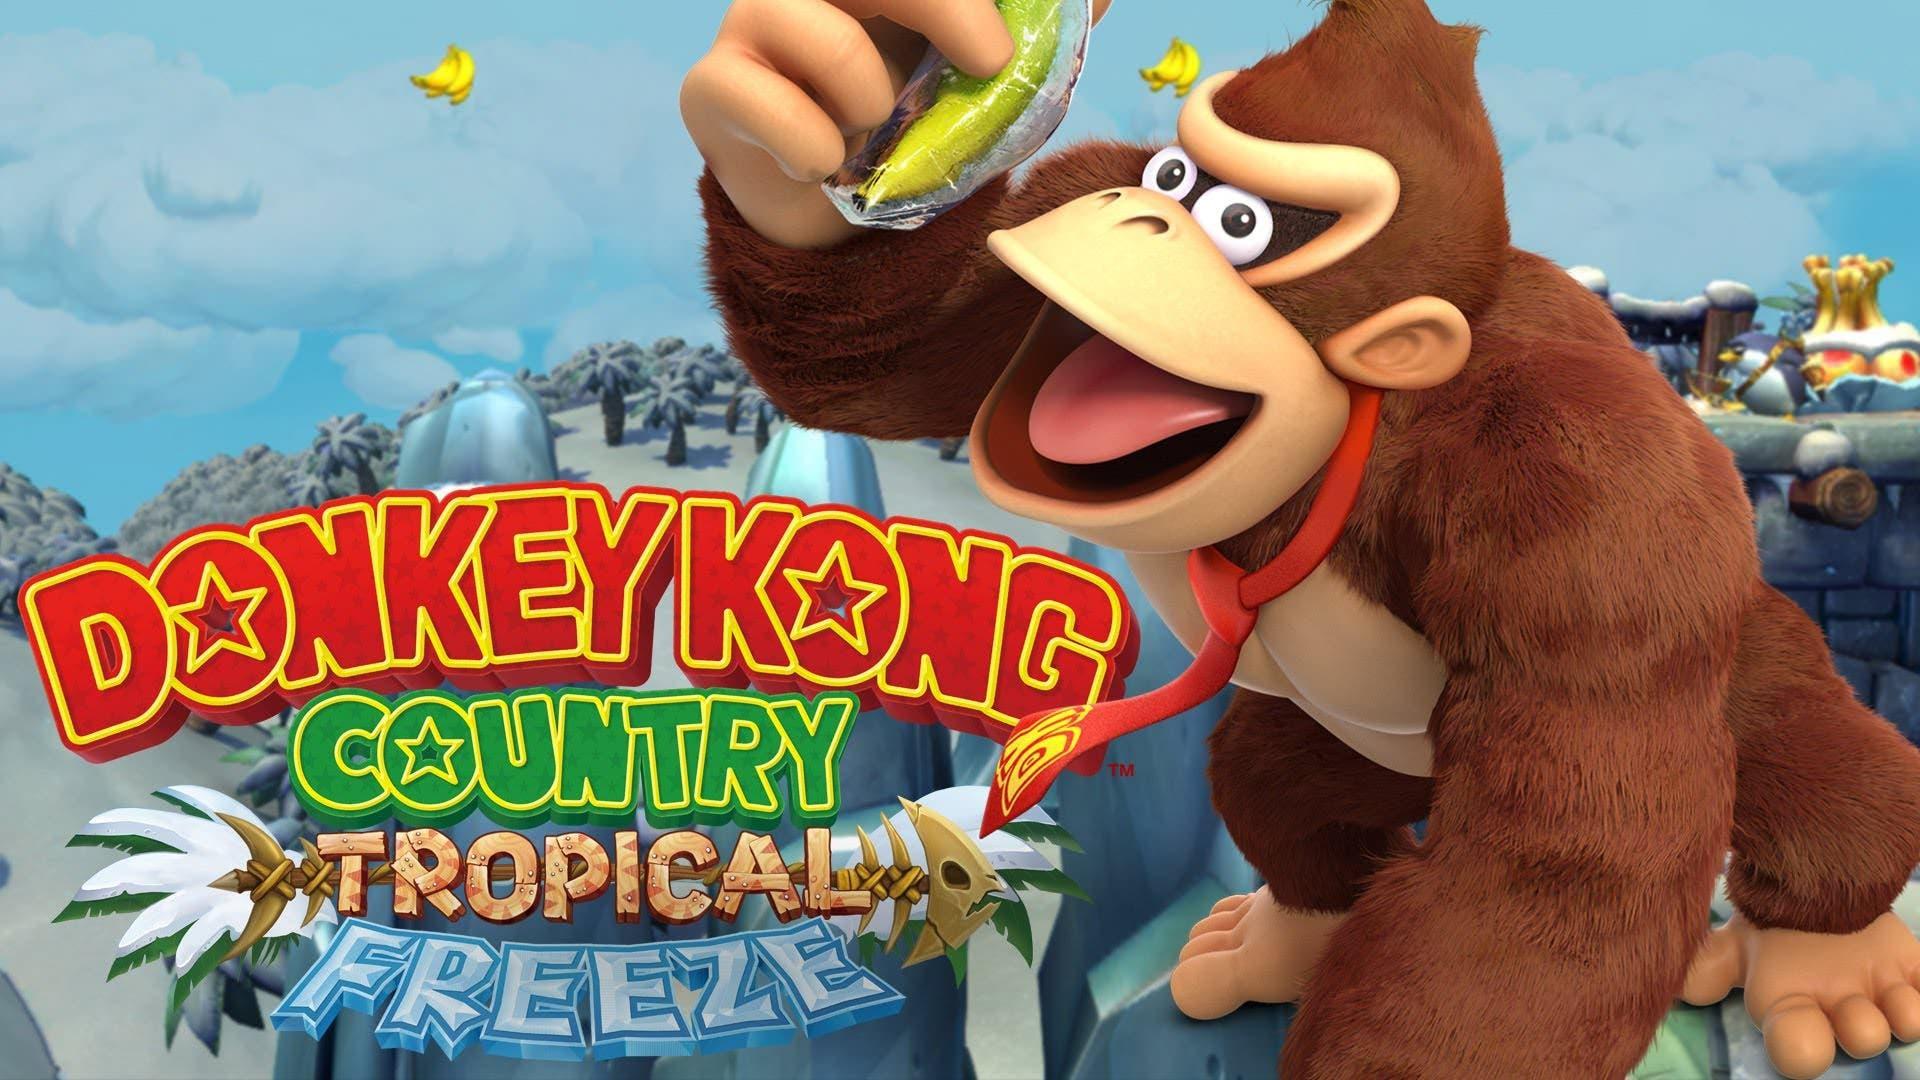 Ventas de la semana en Reino Unido: Donkey Kong Country: Tropical Freeze se mantiene como el juego más vendido de Nintendo (12/5/18)